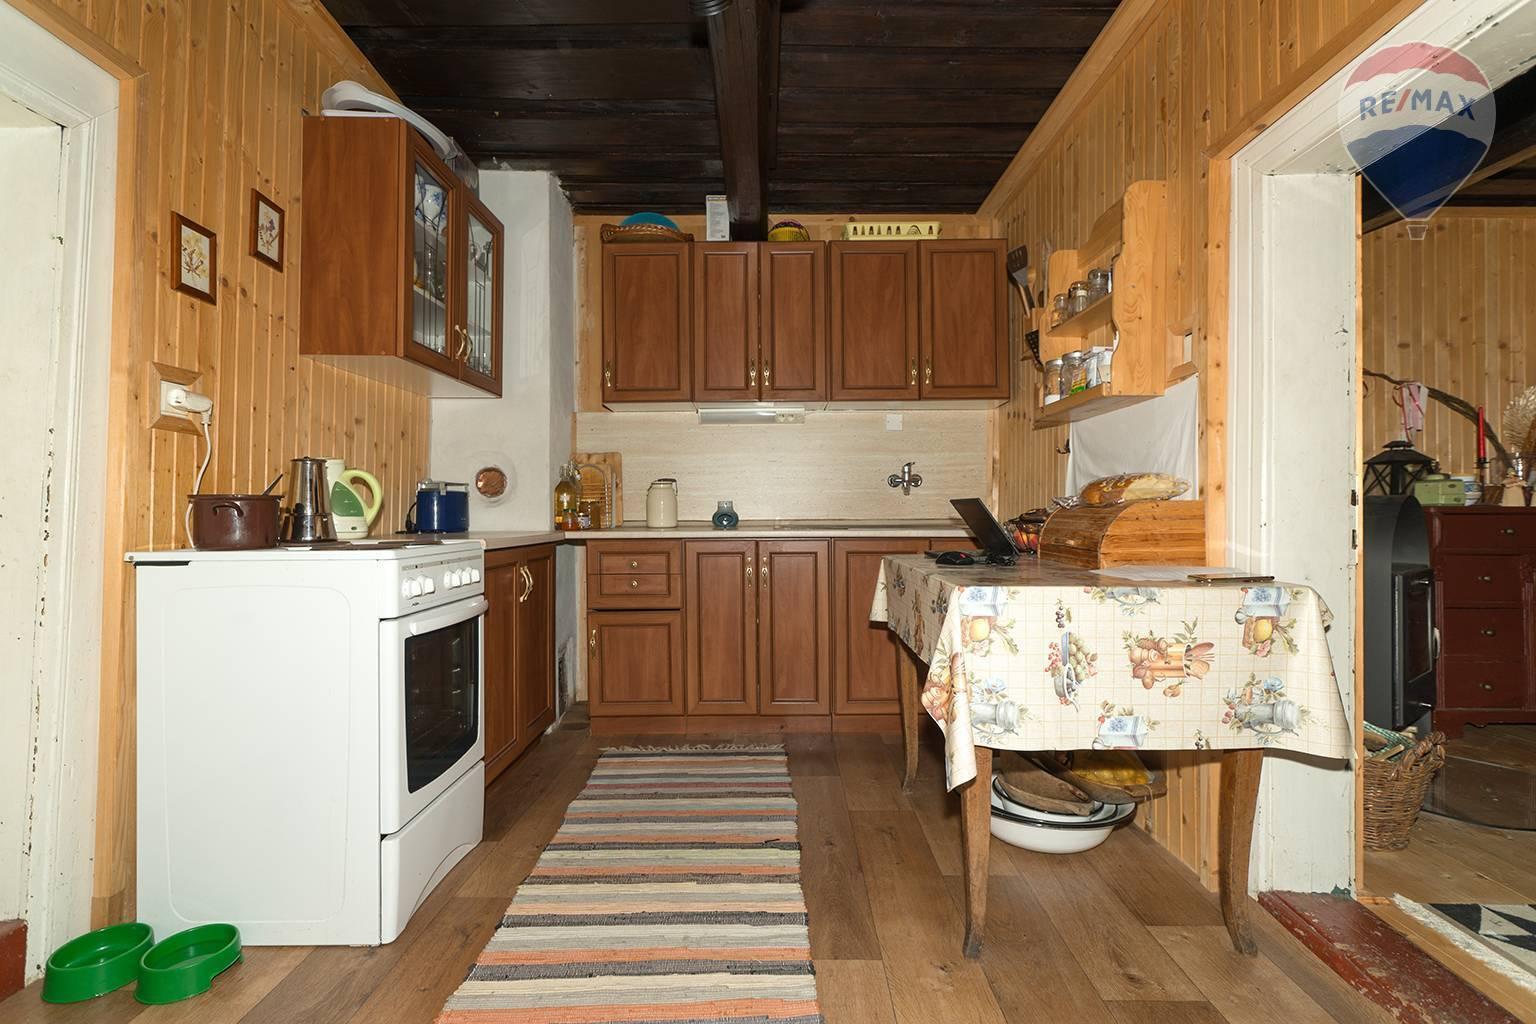 Predaj chaty 115 m2, Nižná Boca - kuchyňa